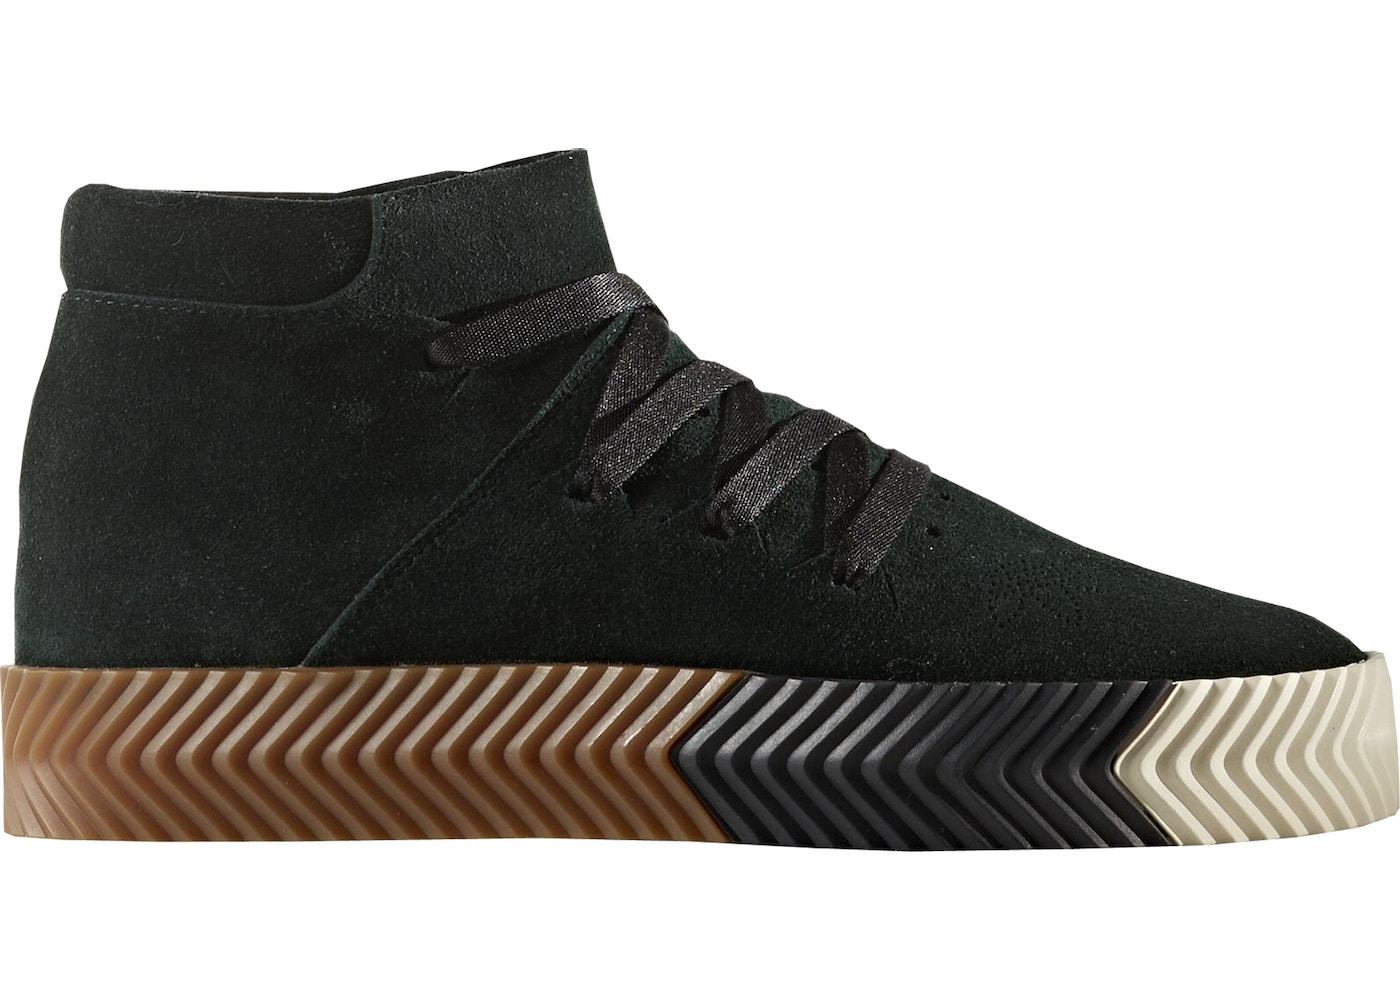 Adidas x Alexander Wang Skate Mid Shoes